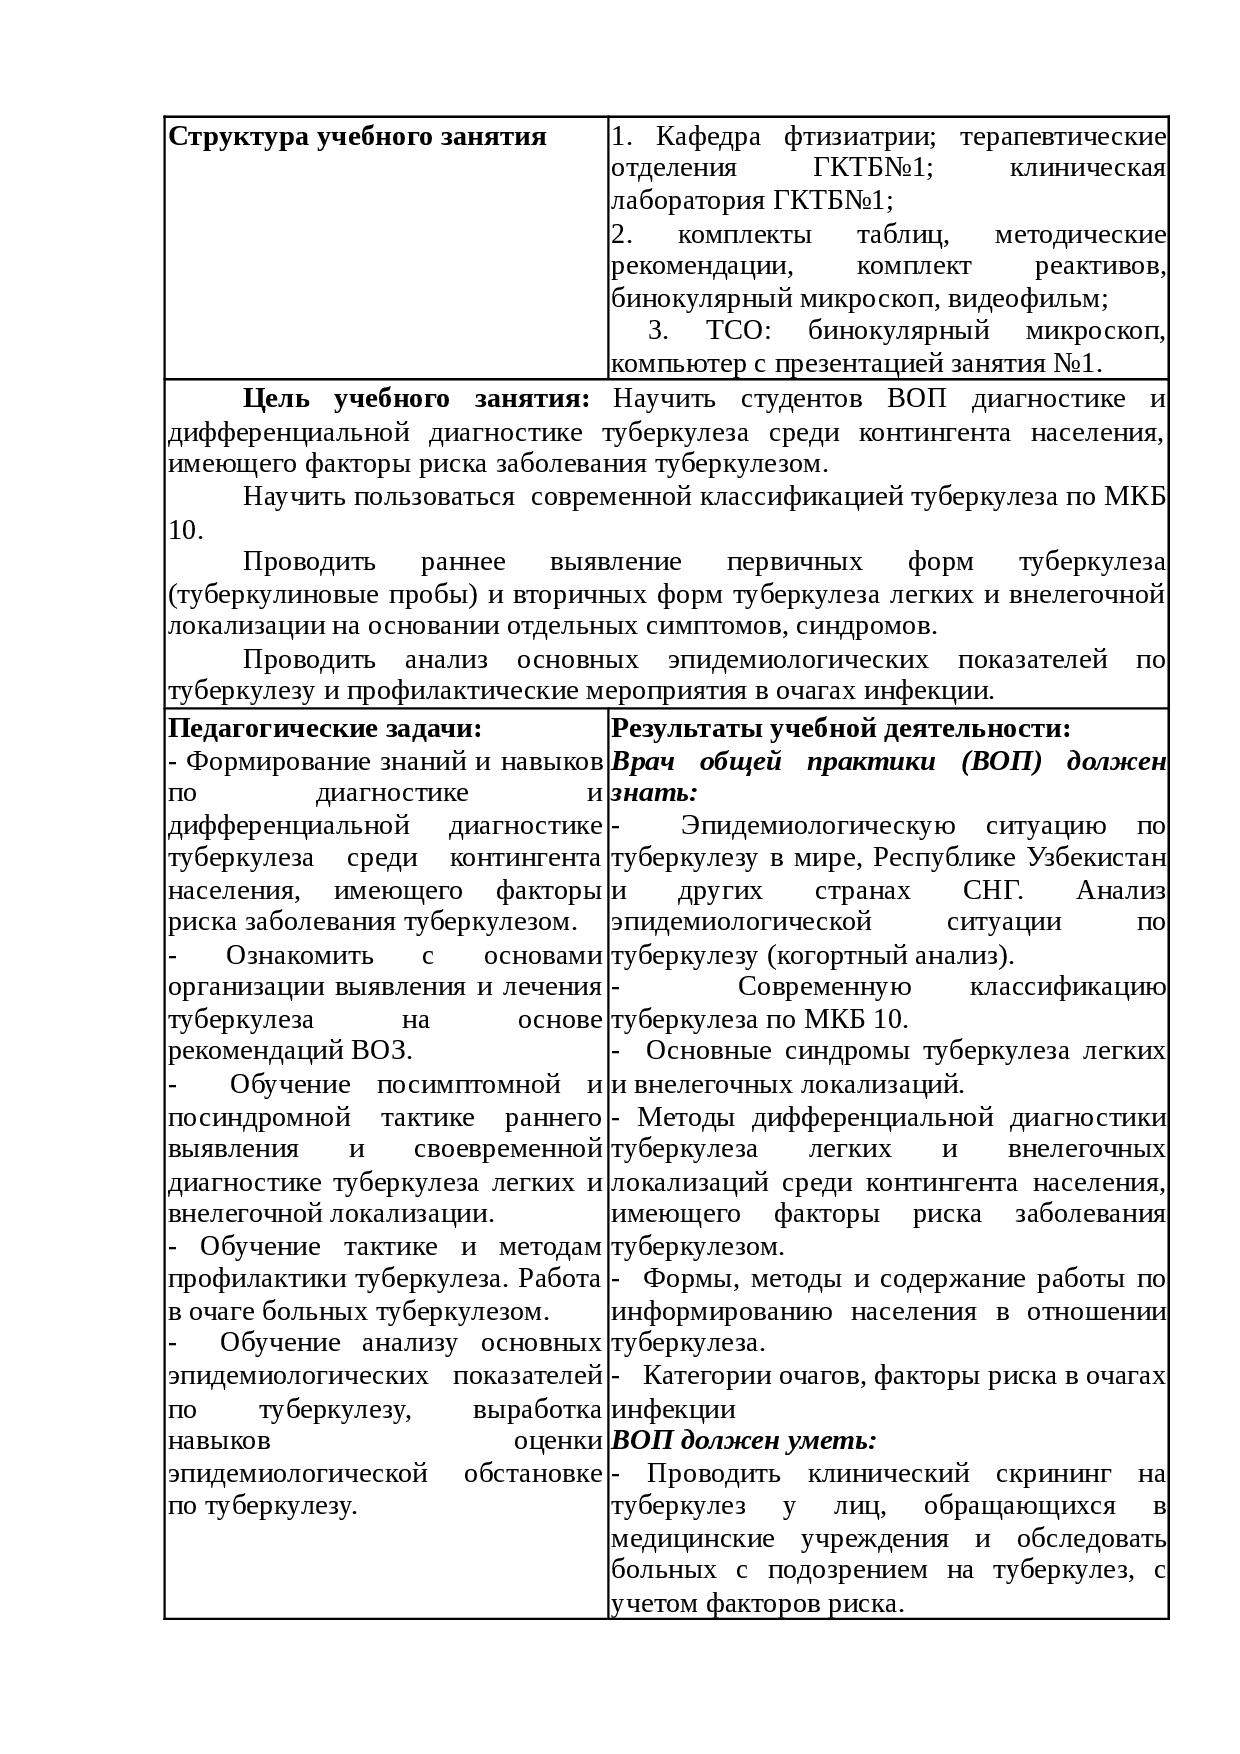 Дифференциальная диагностика туберкулеза трахеобронхиальных лимфоузлов